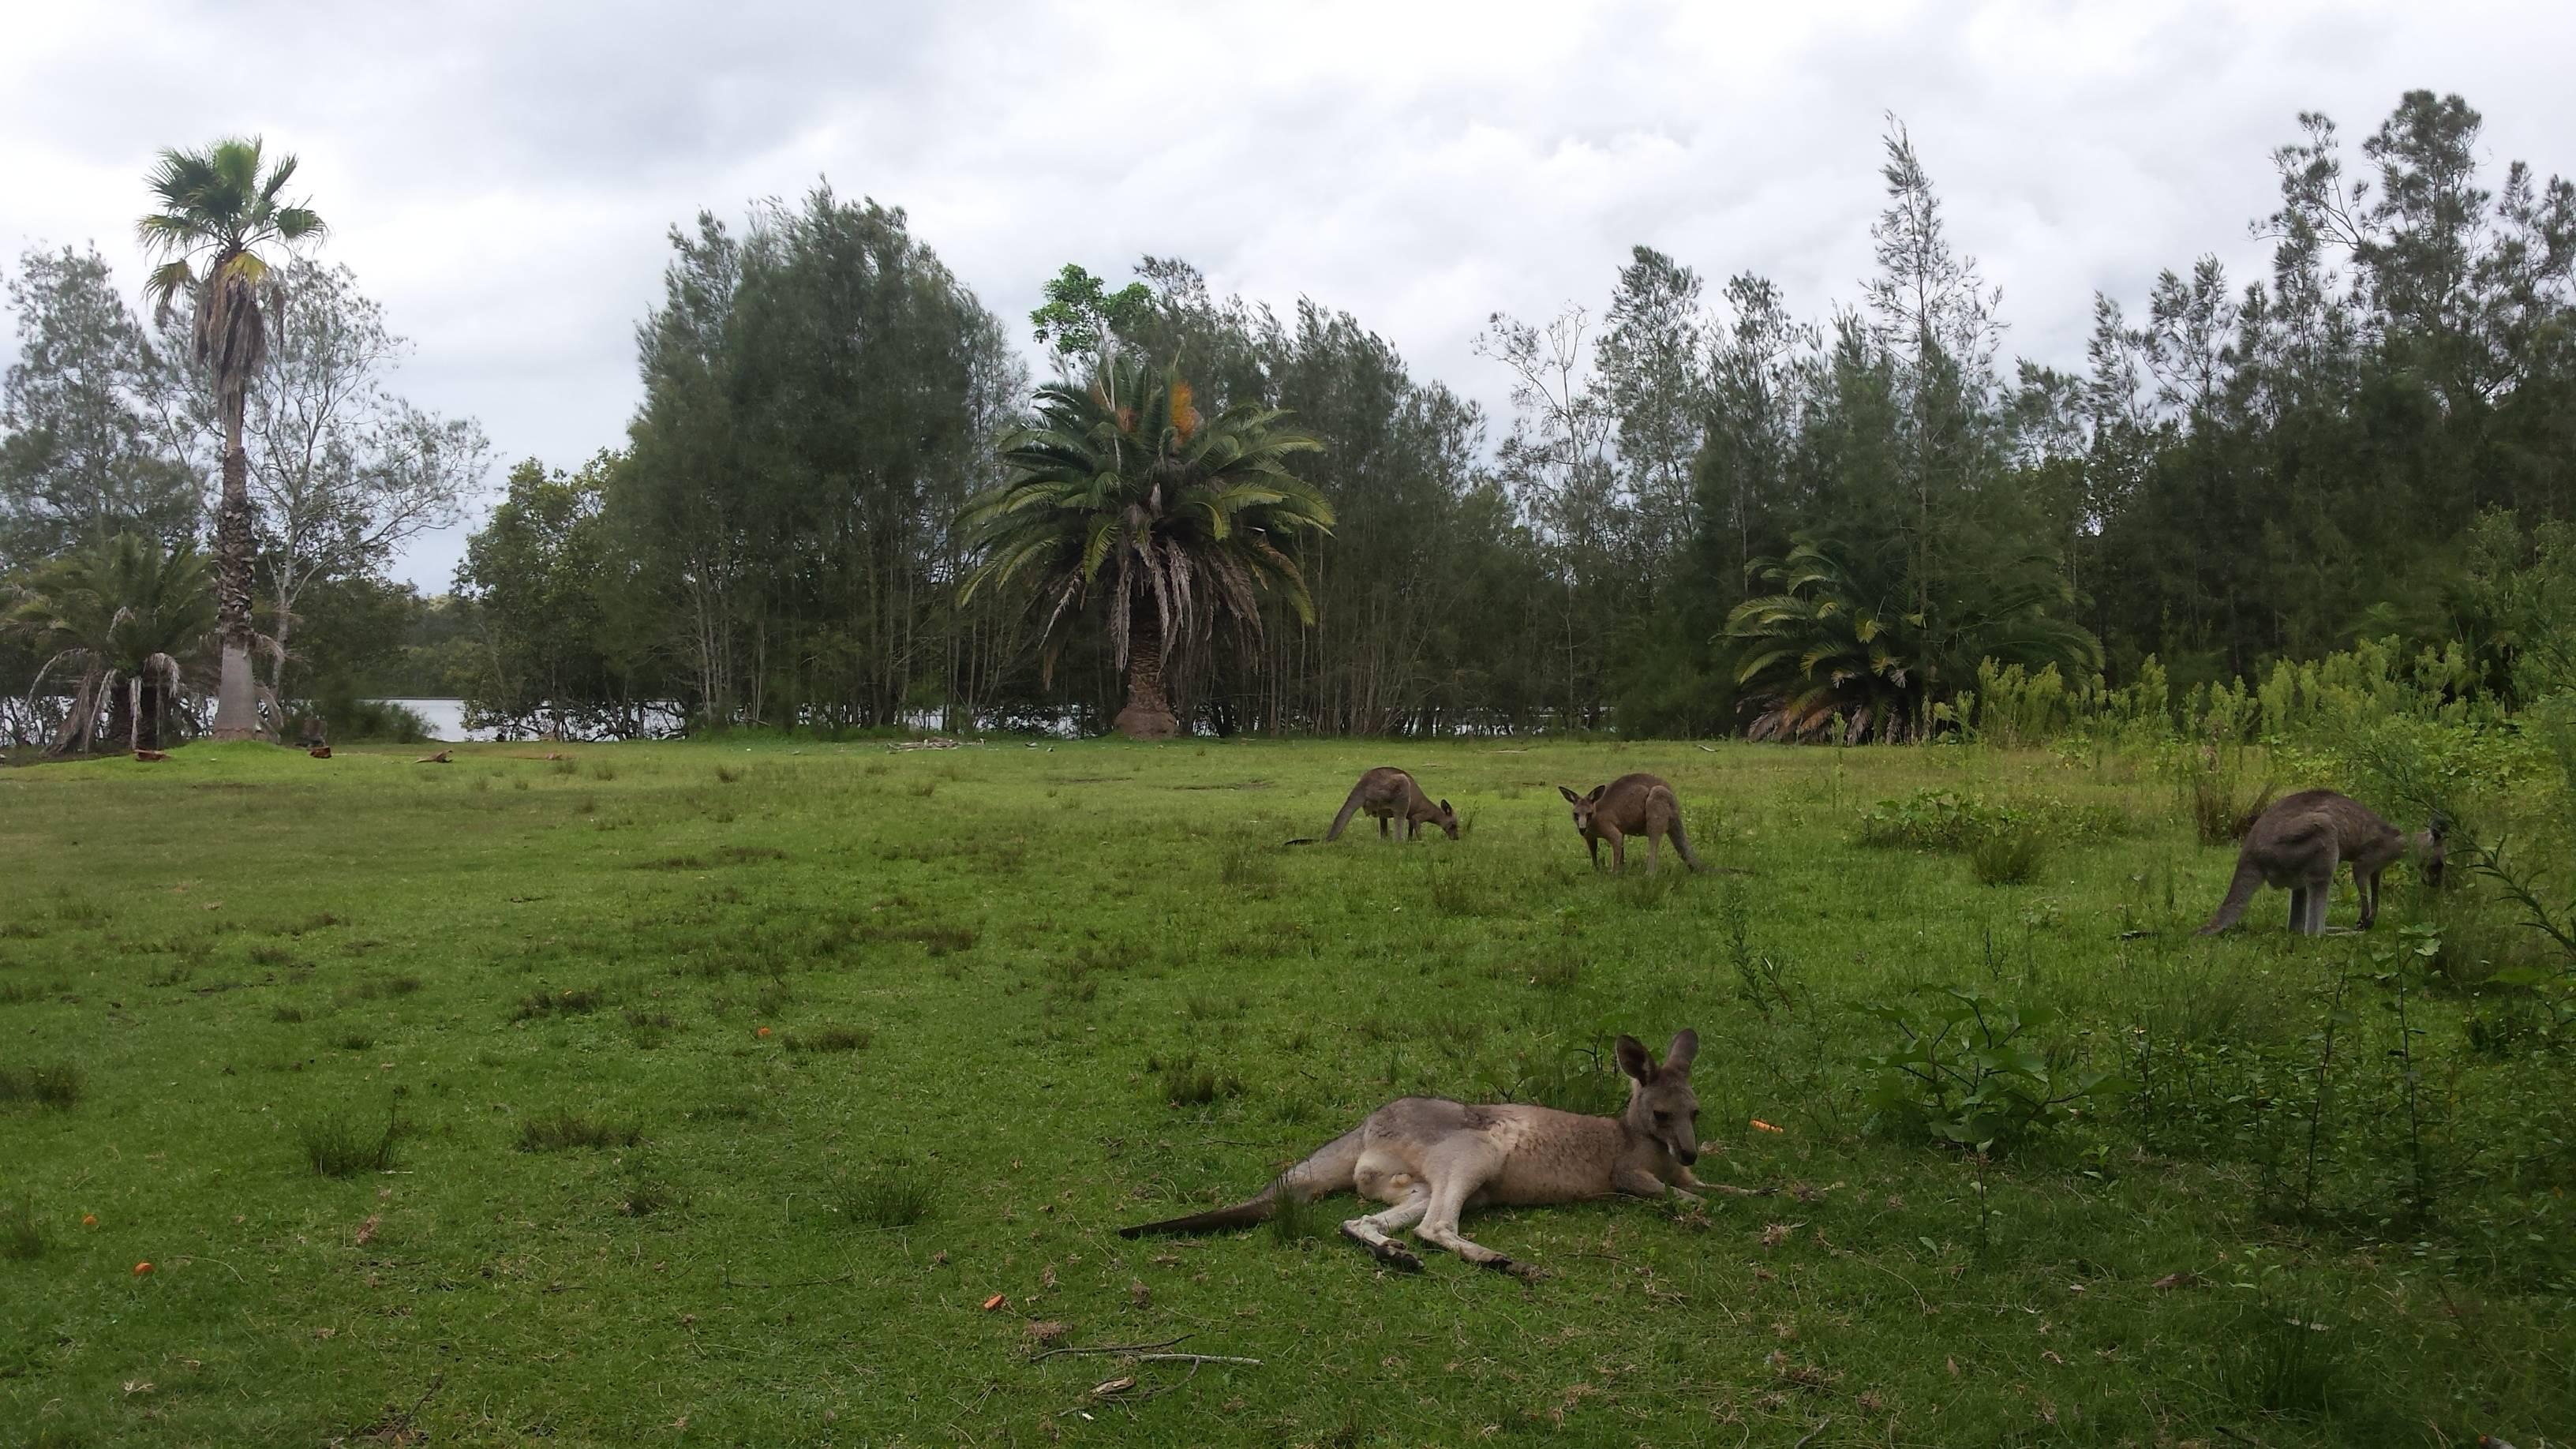 Photo 1: Morisset park à la rencontre des kangourous.